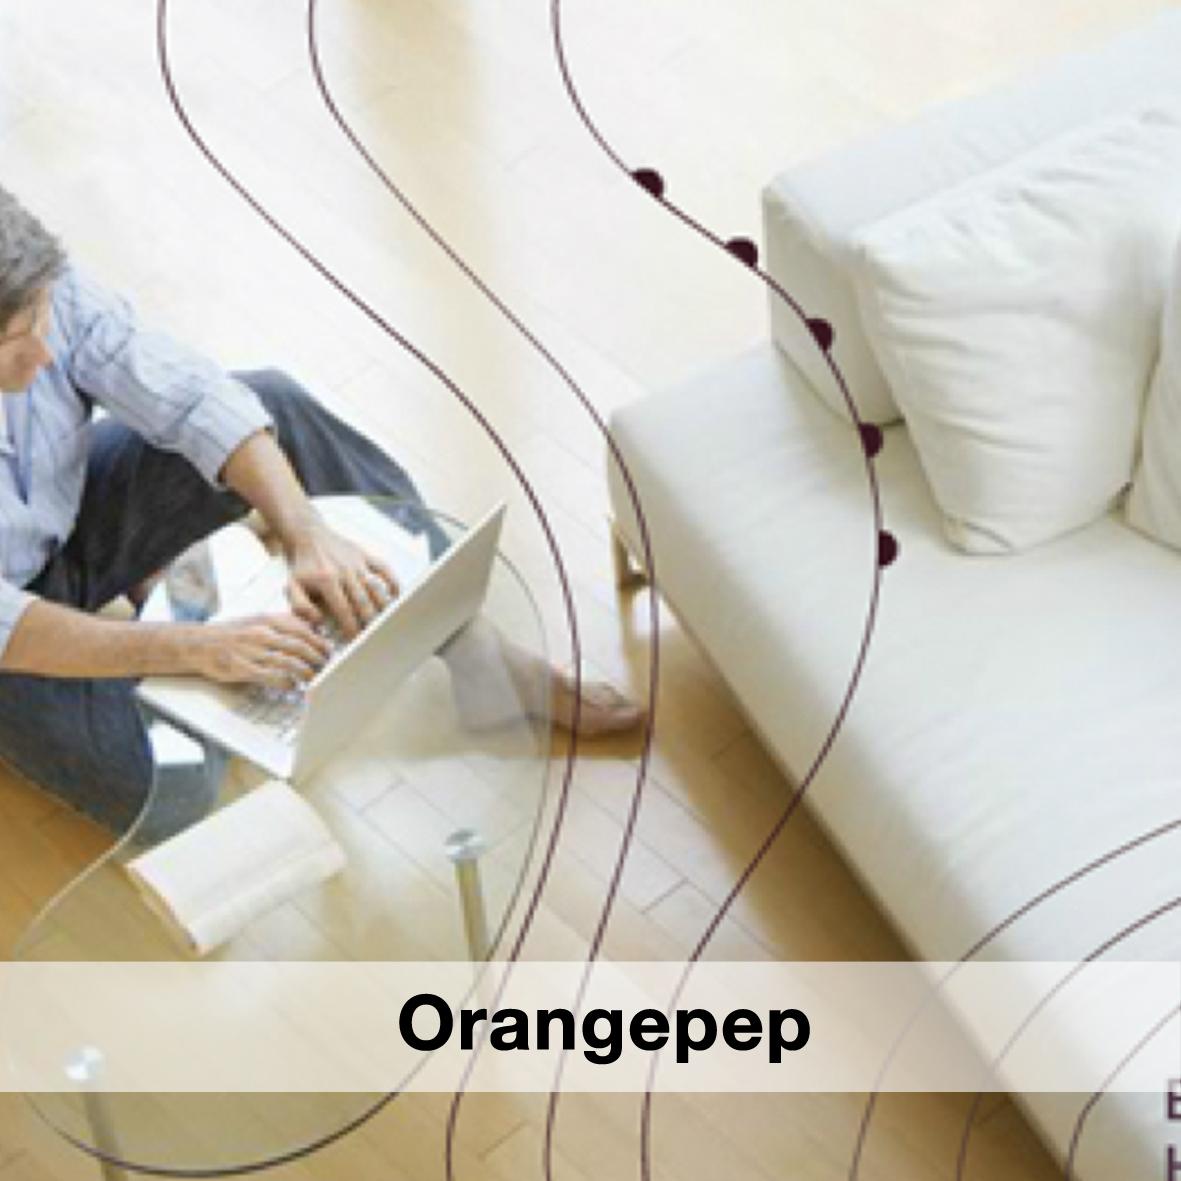 orangepep.jpg